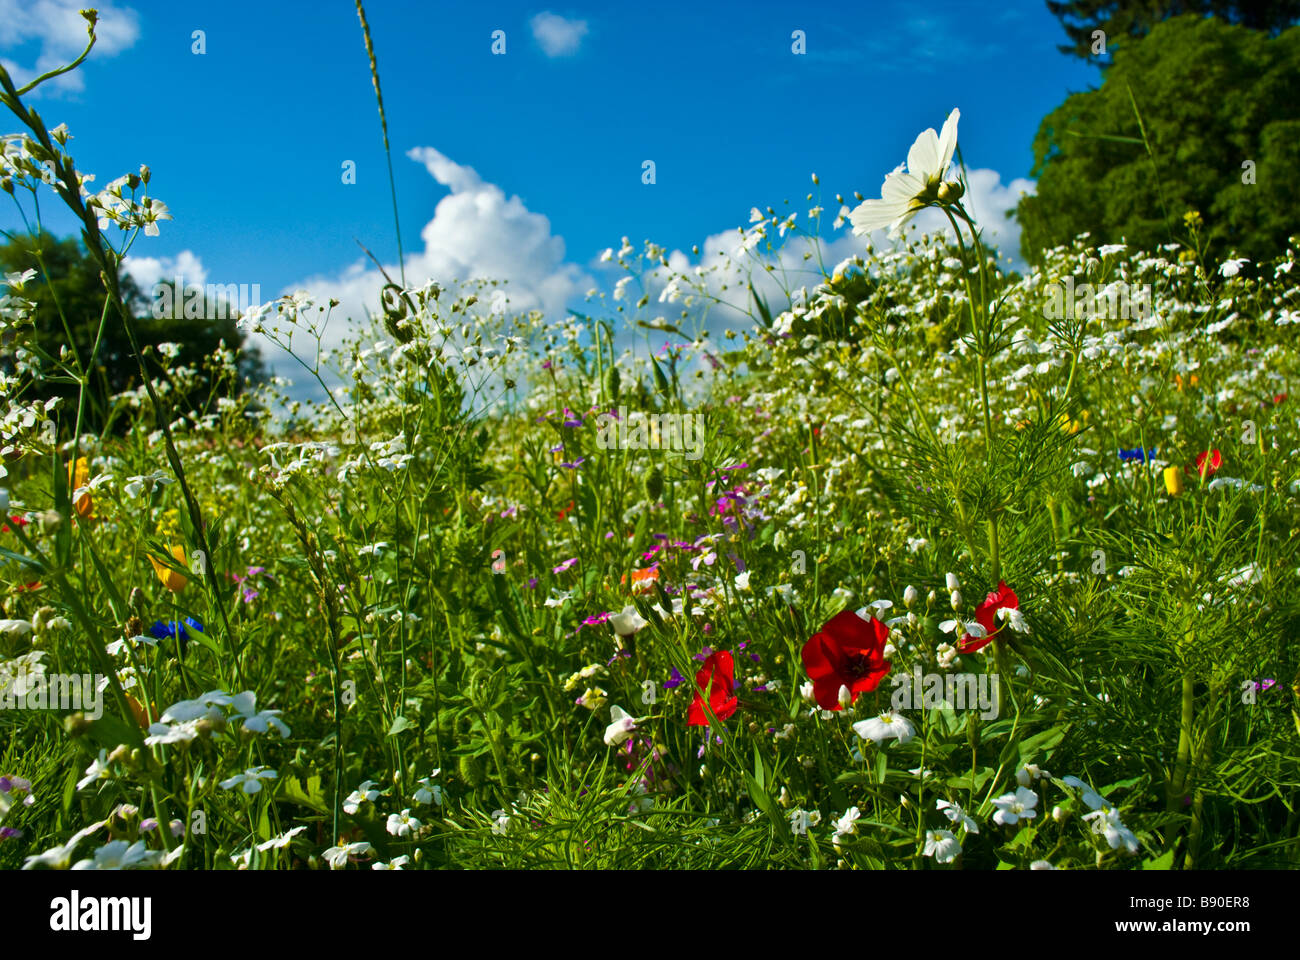 Wiese mit bunten Blumen wie Kornblumen Kräuter und blauer Himmel Wolken und Bäume | Wiese Mit Farbenfrohen Stockbild